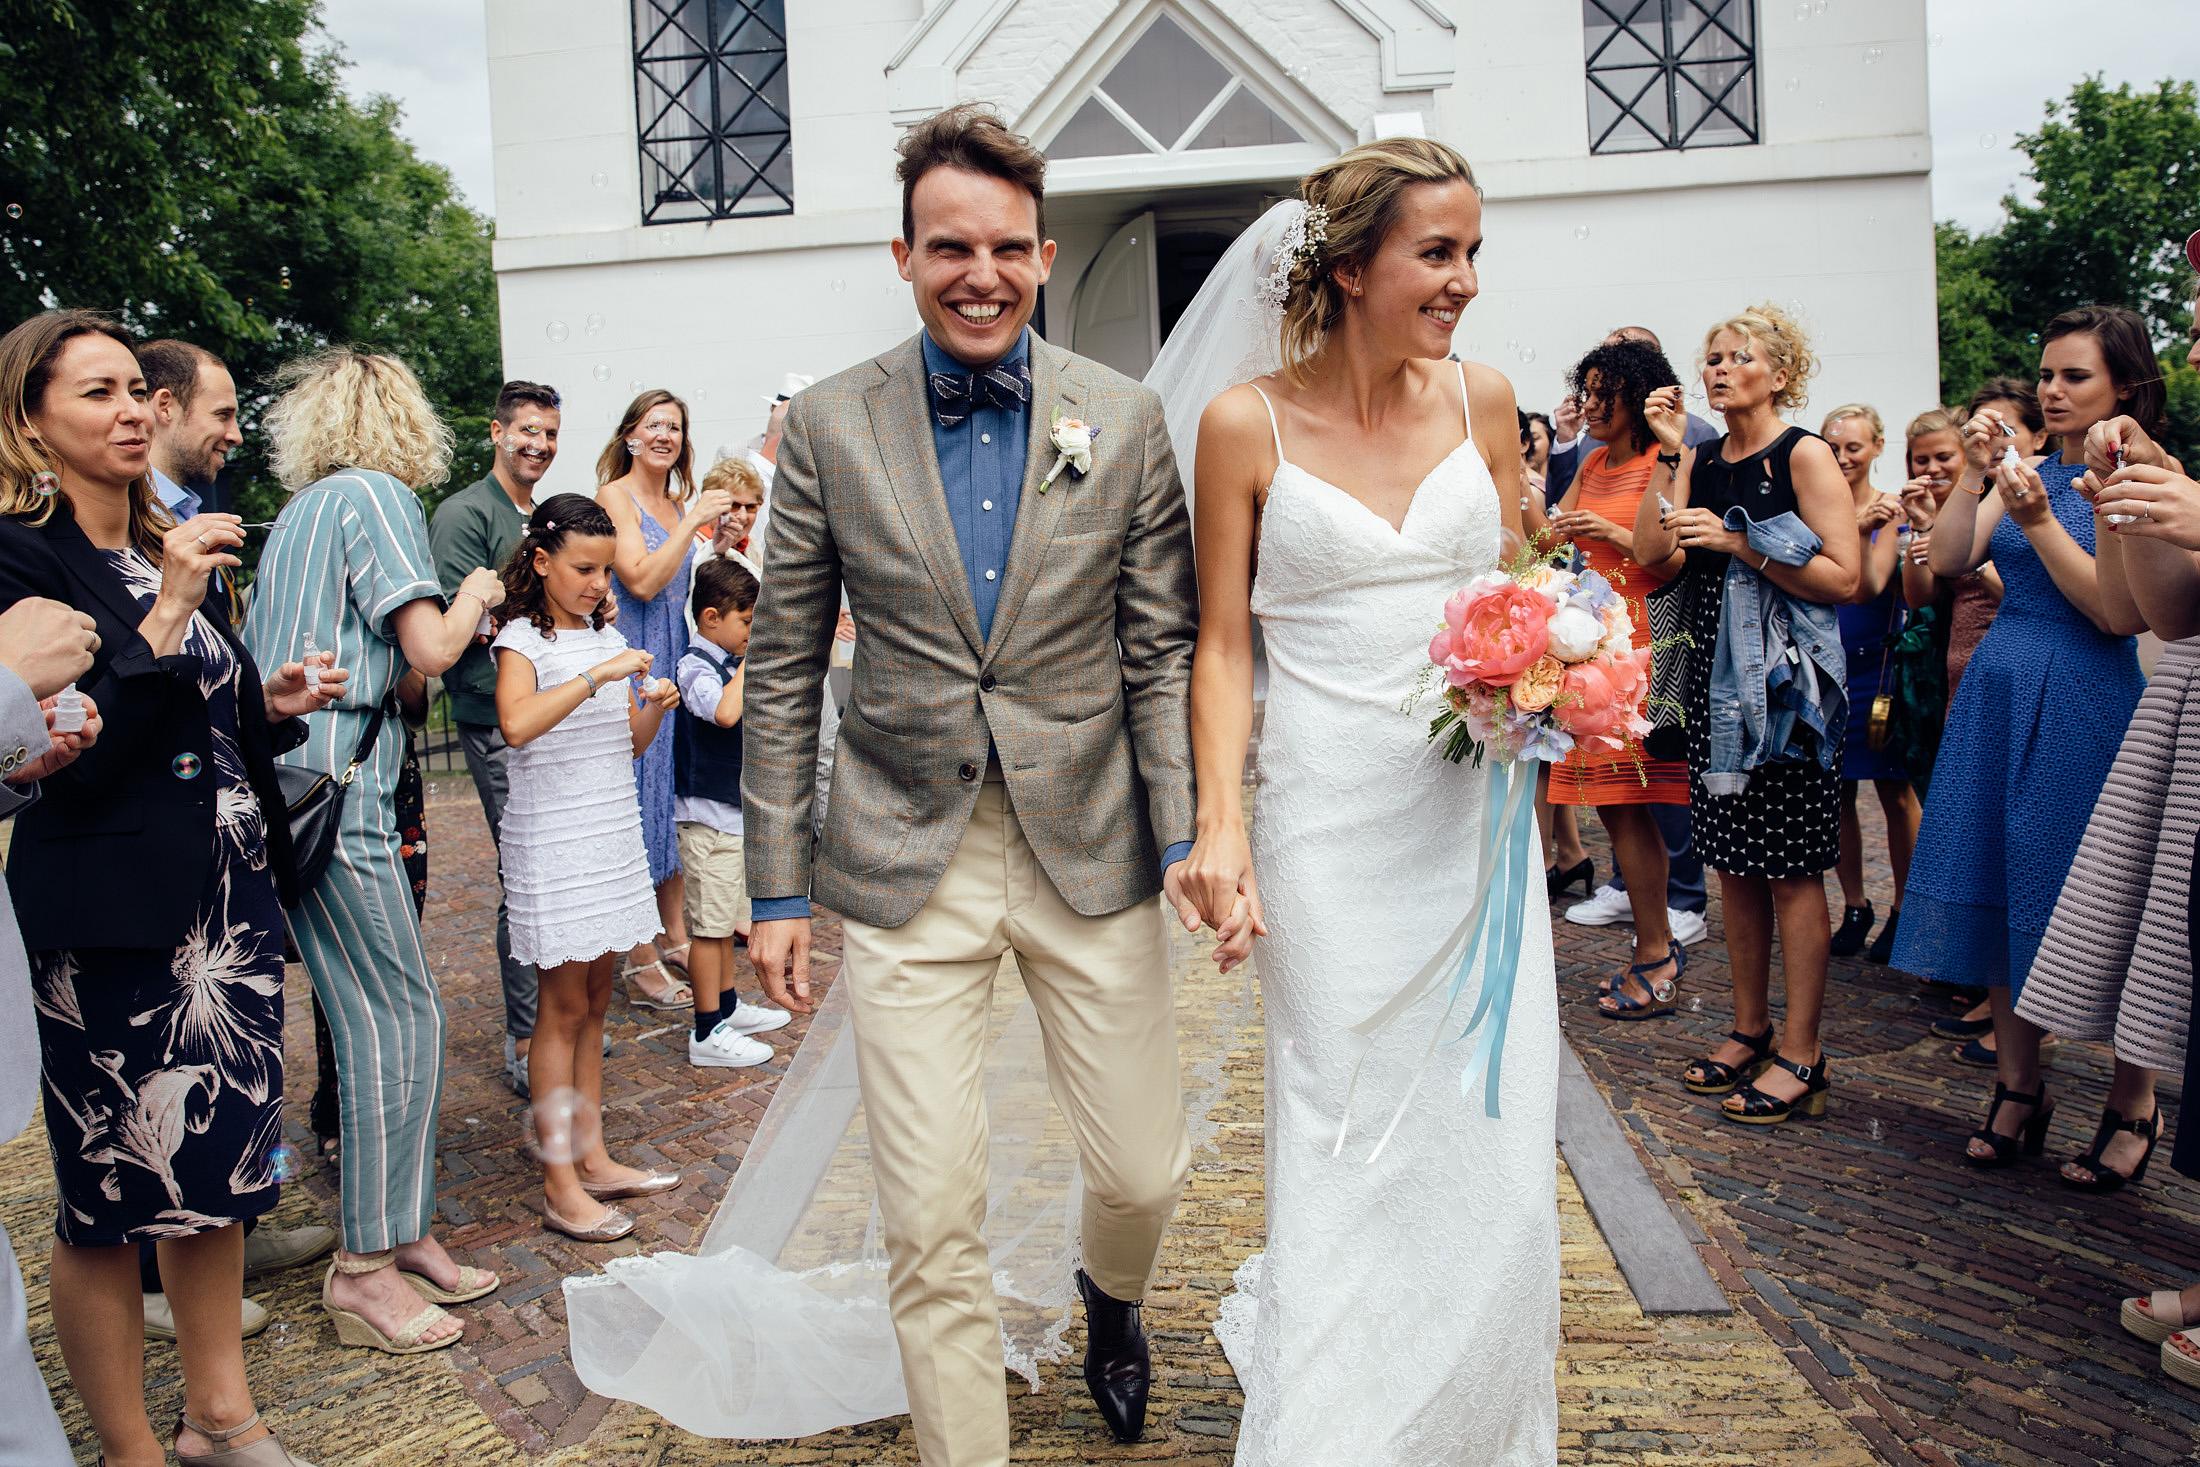 36-receptie-bruiloft-schellingwoude